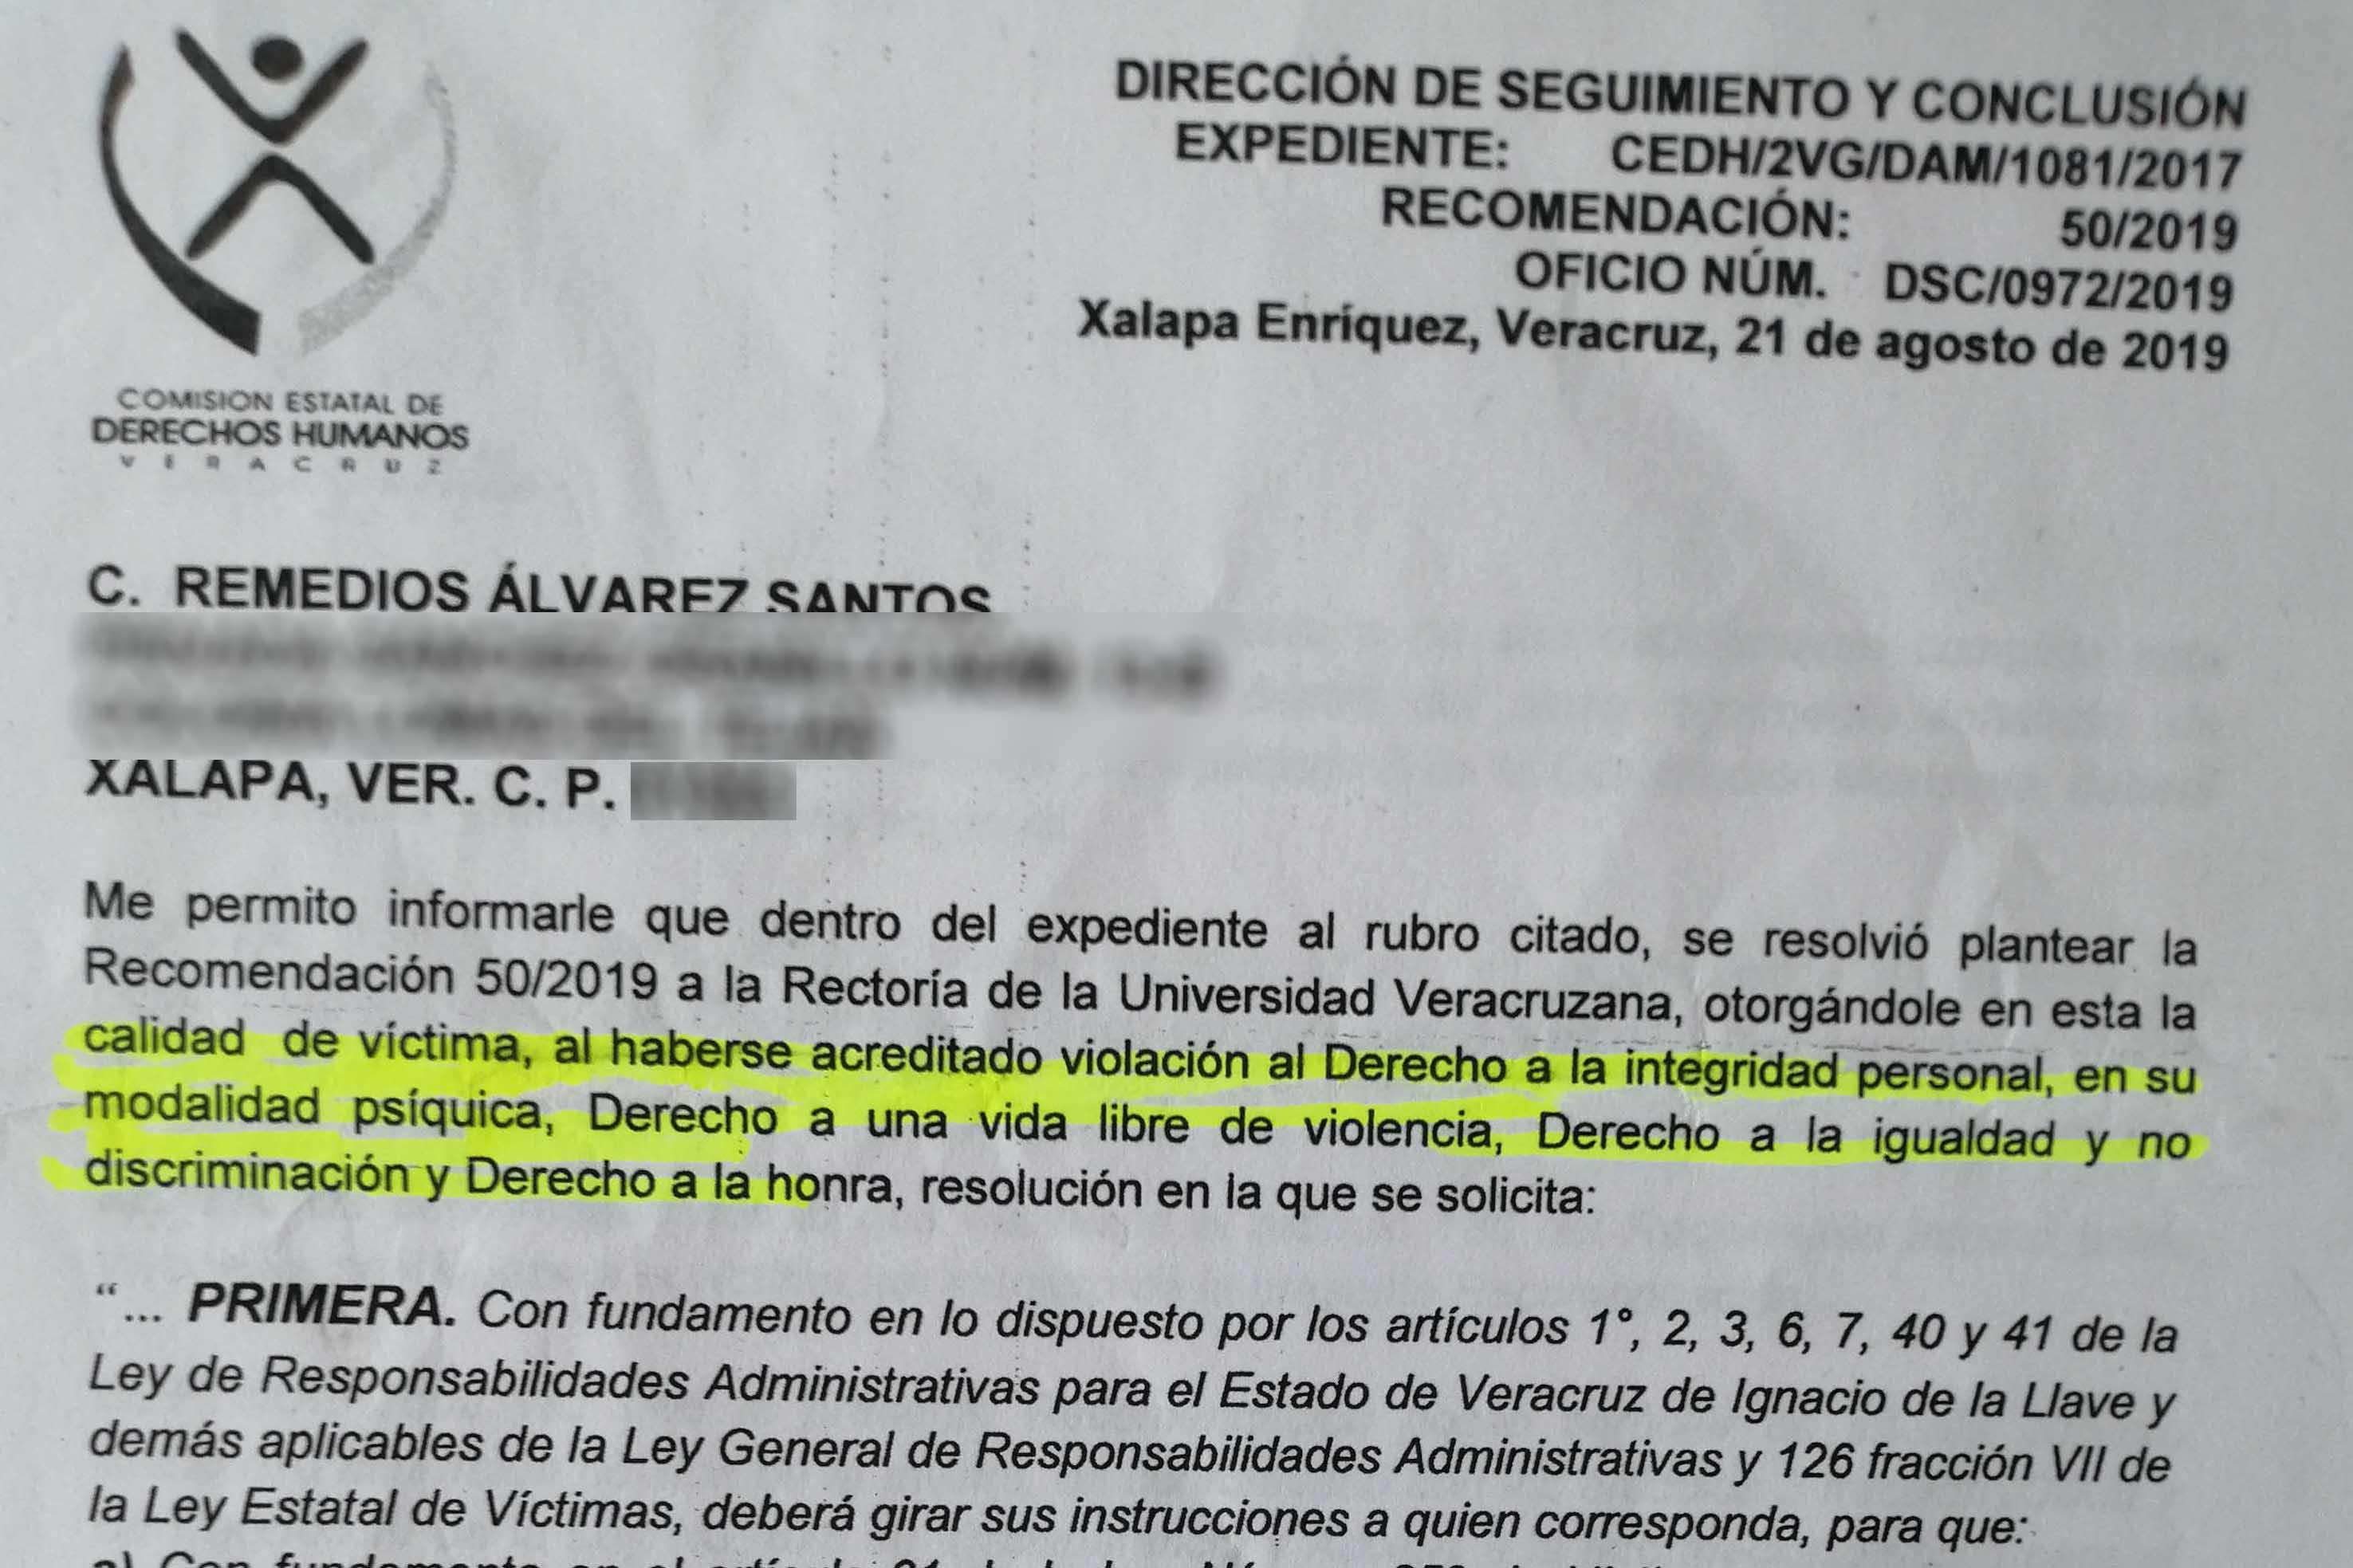 Violencia laboral a más catedráticas de la UV; el primer caso derivó denuncia penal (Veracruz)